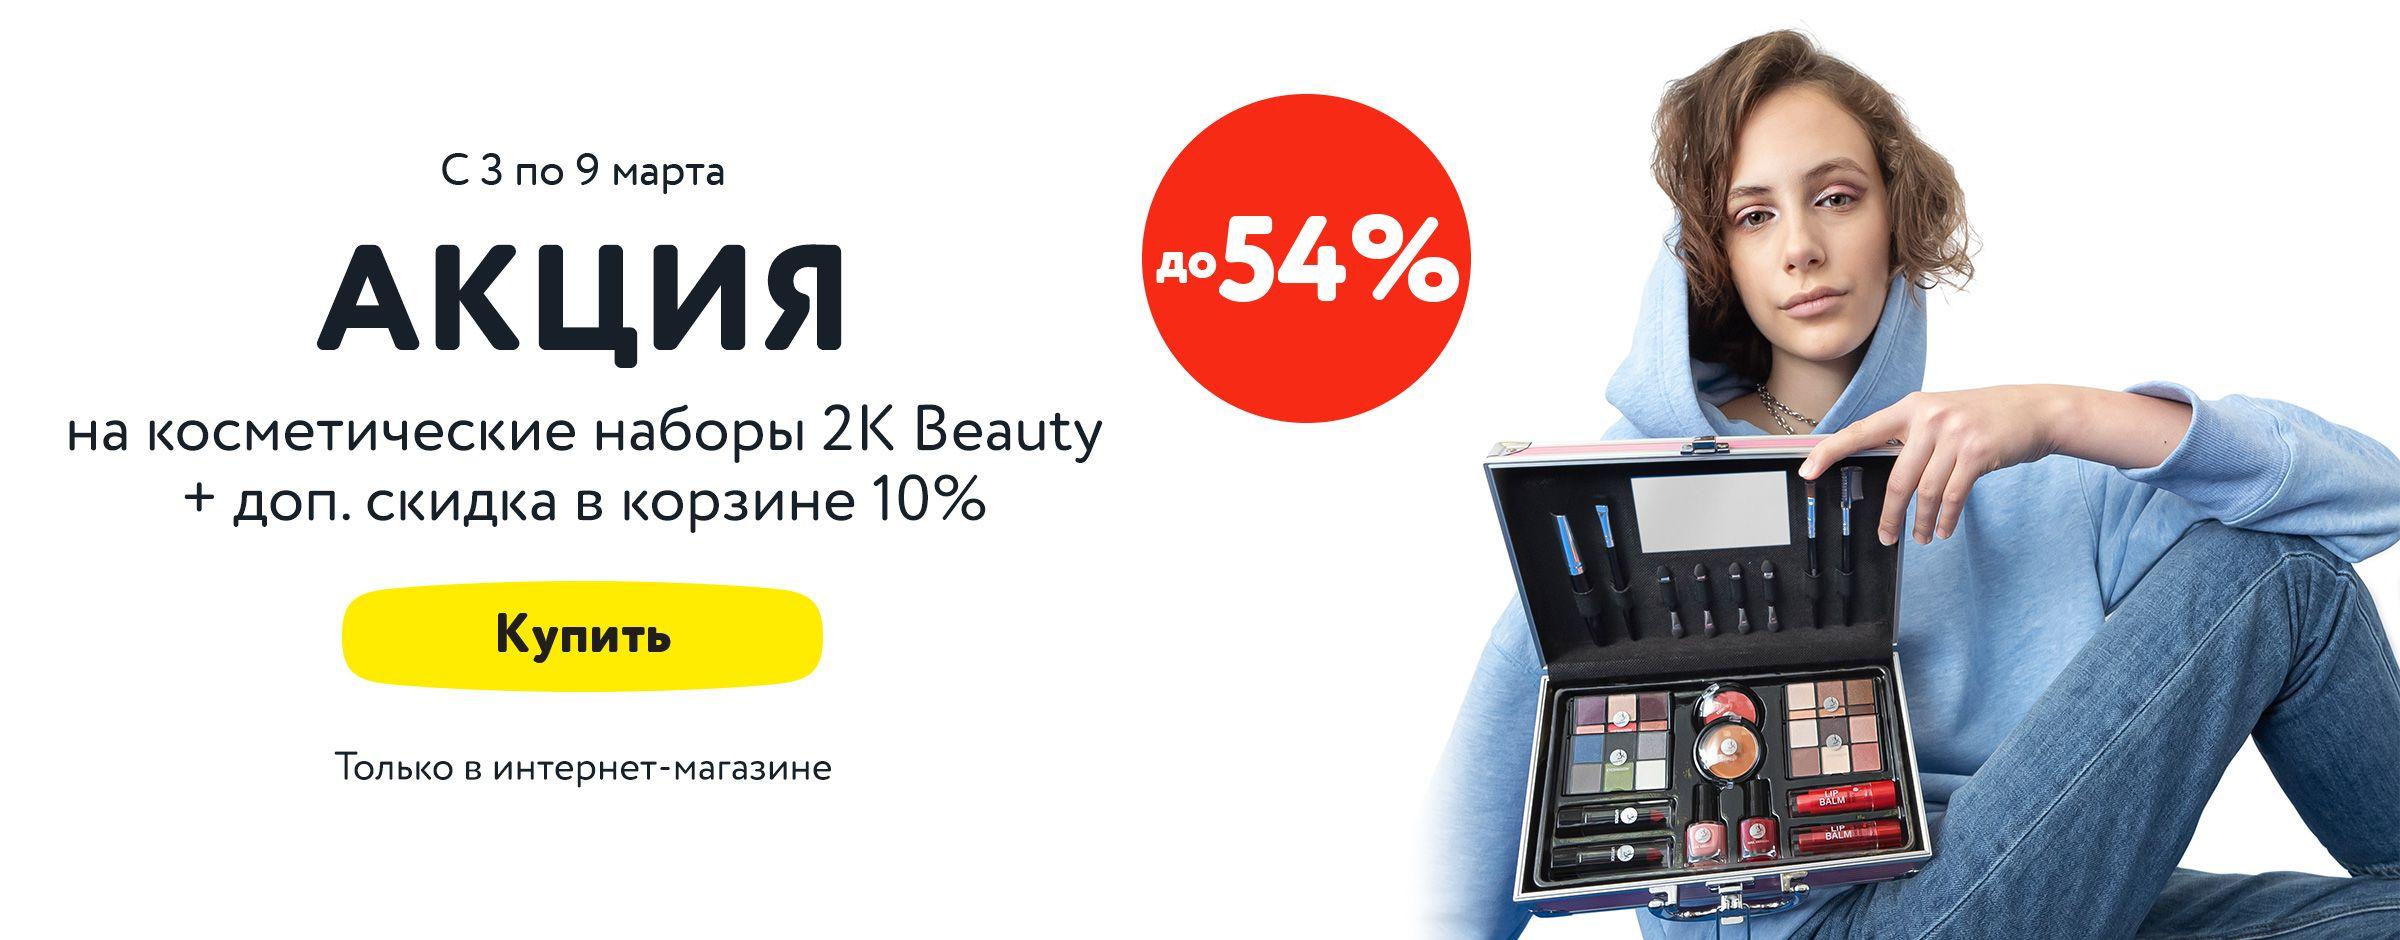 Доп. скидка 10% на детcкий косметический набор 2K Beauty